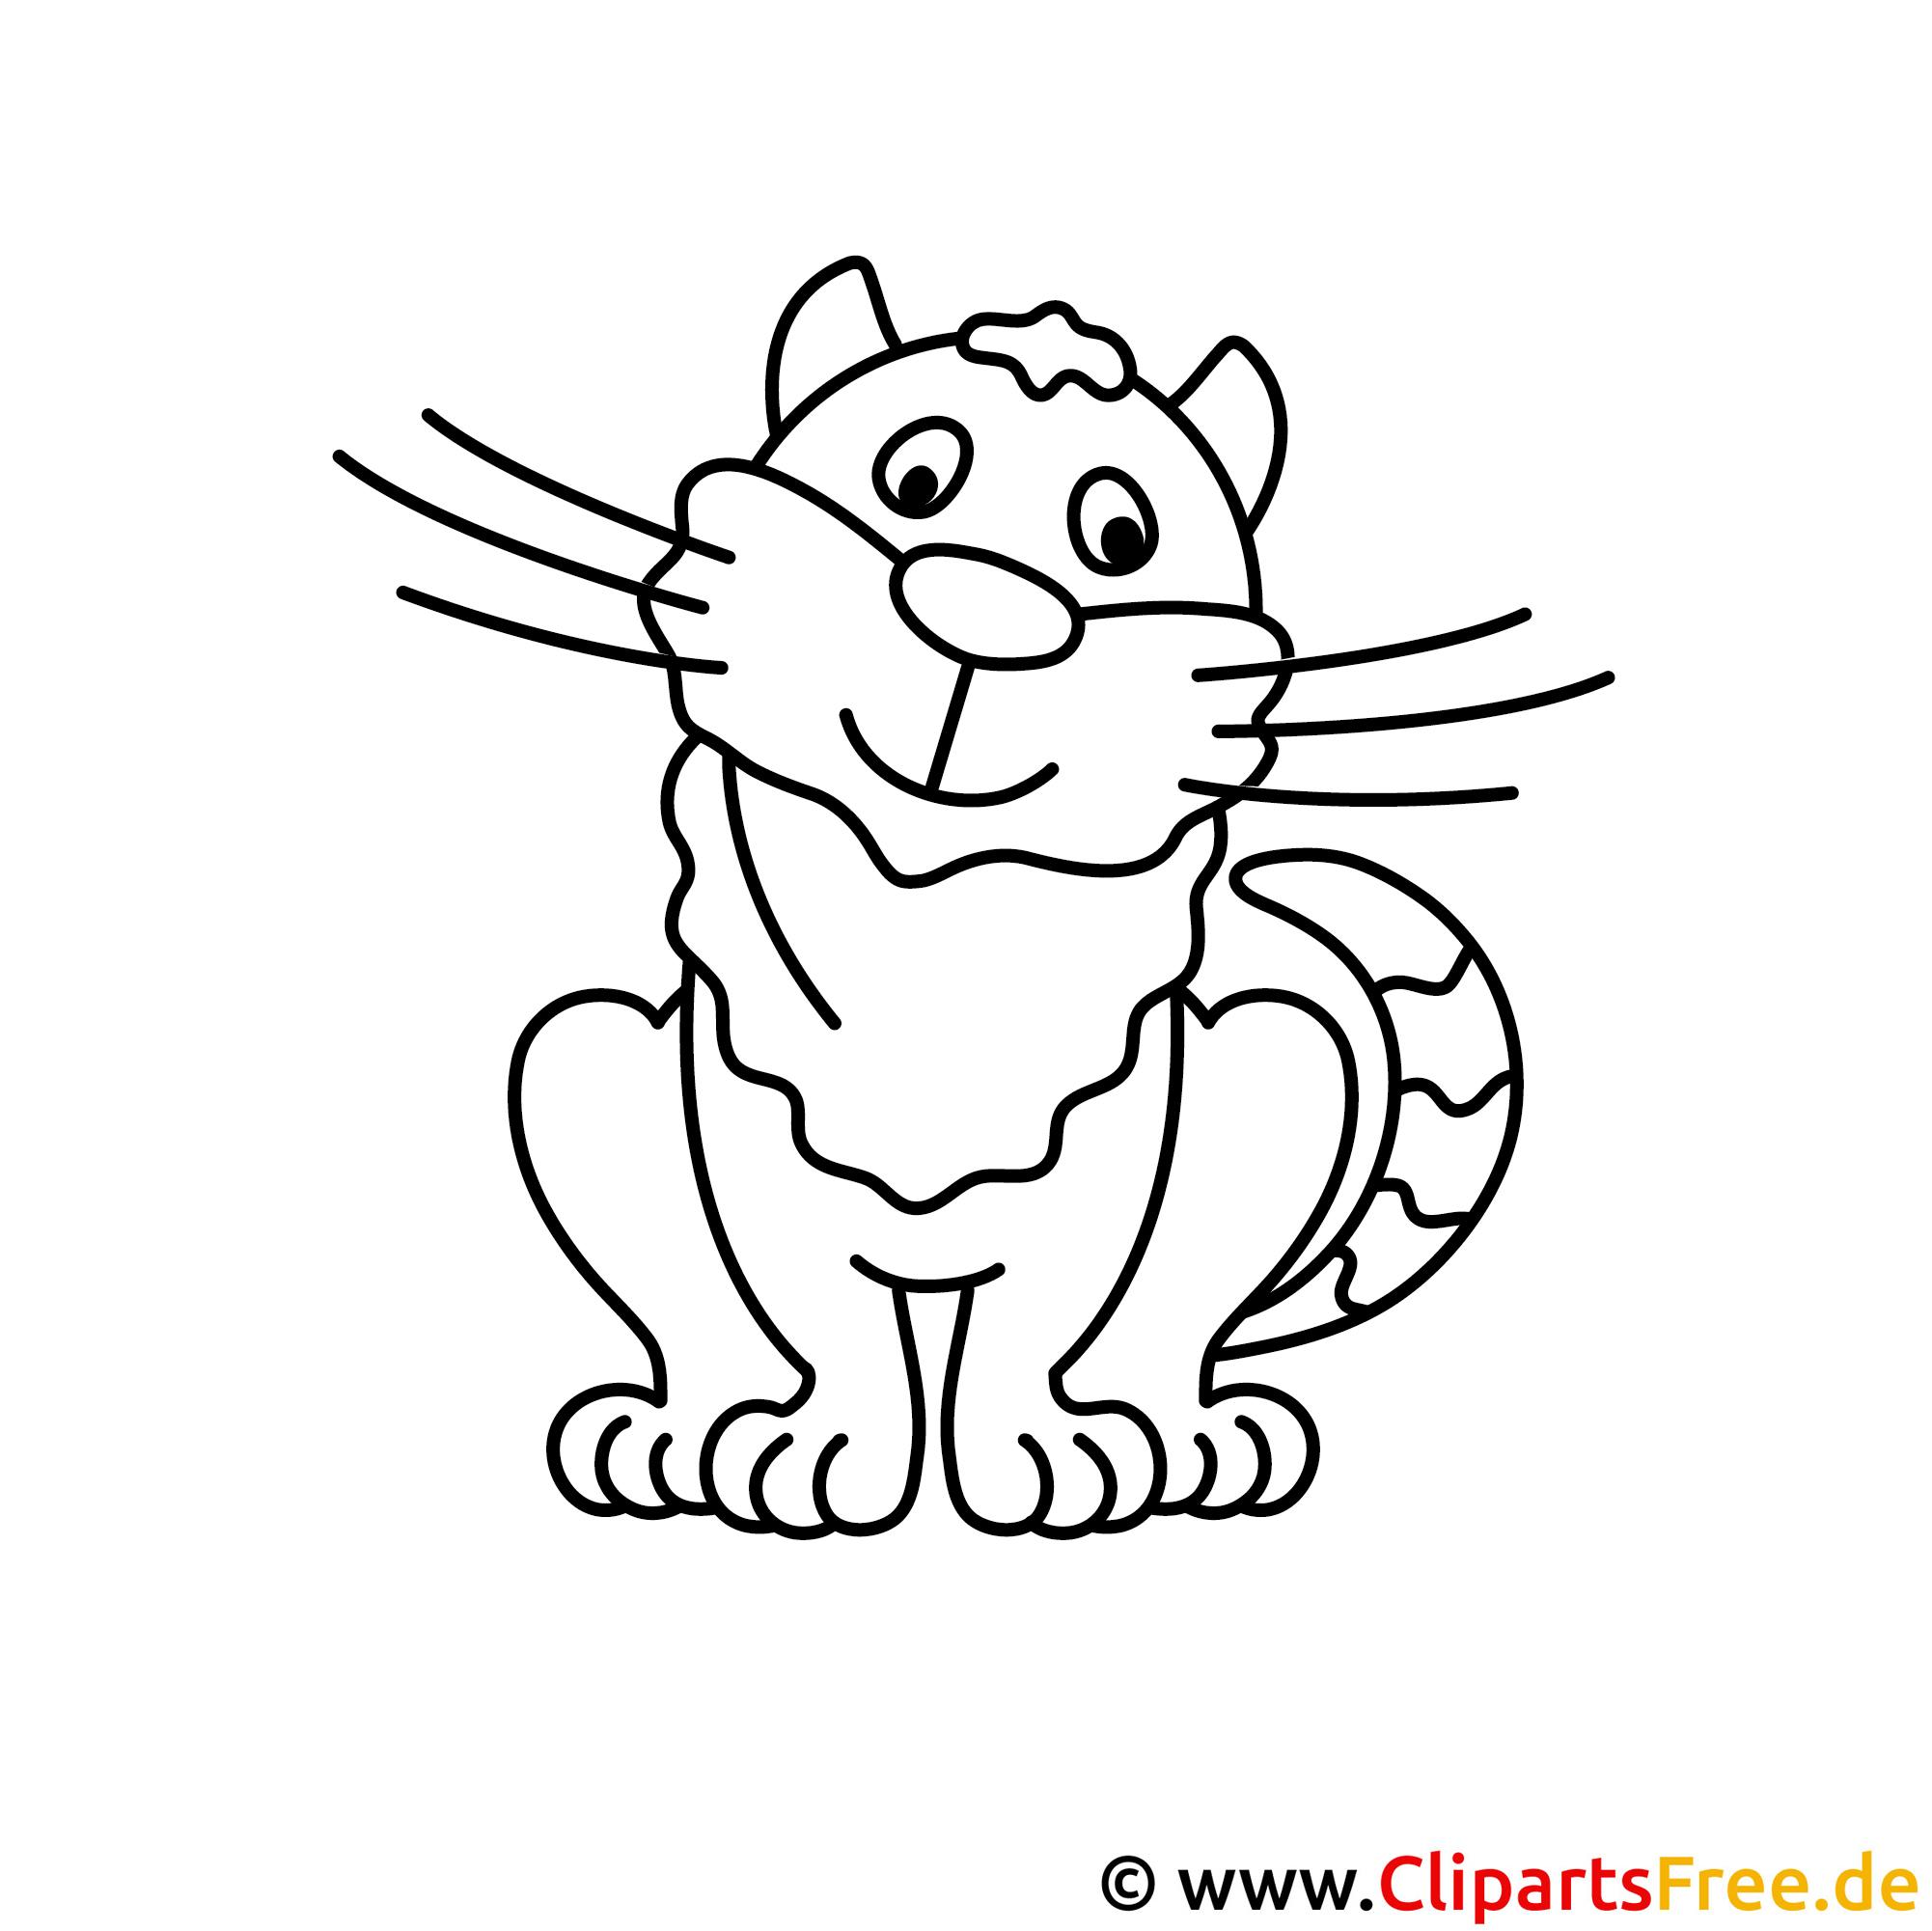 Katze Bild zum Ausmalen, Malvorlage